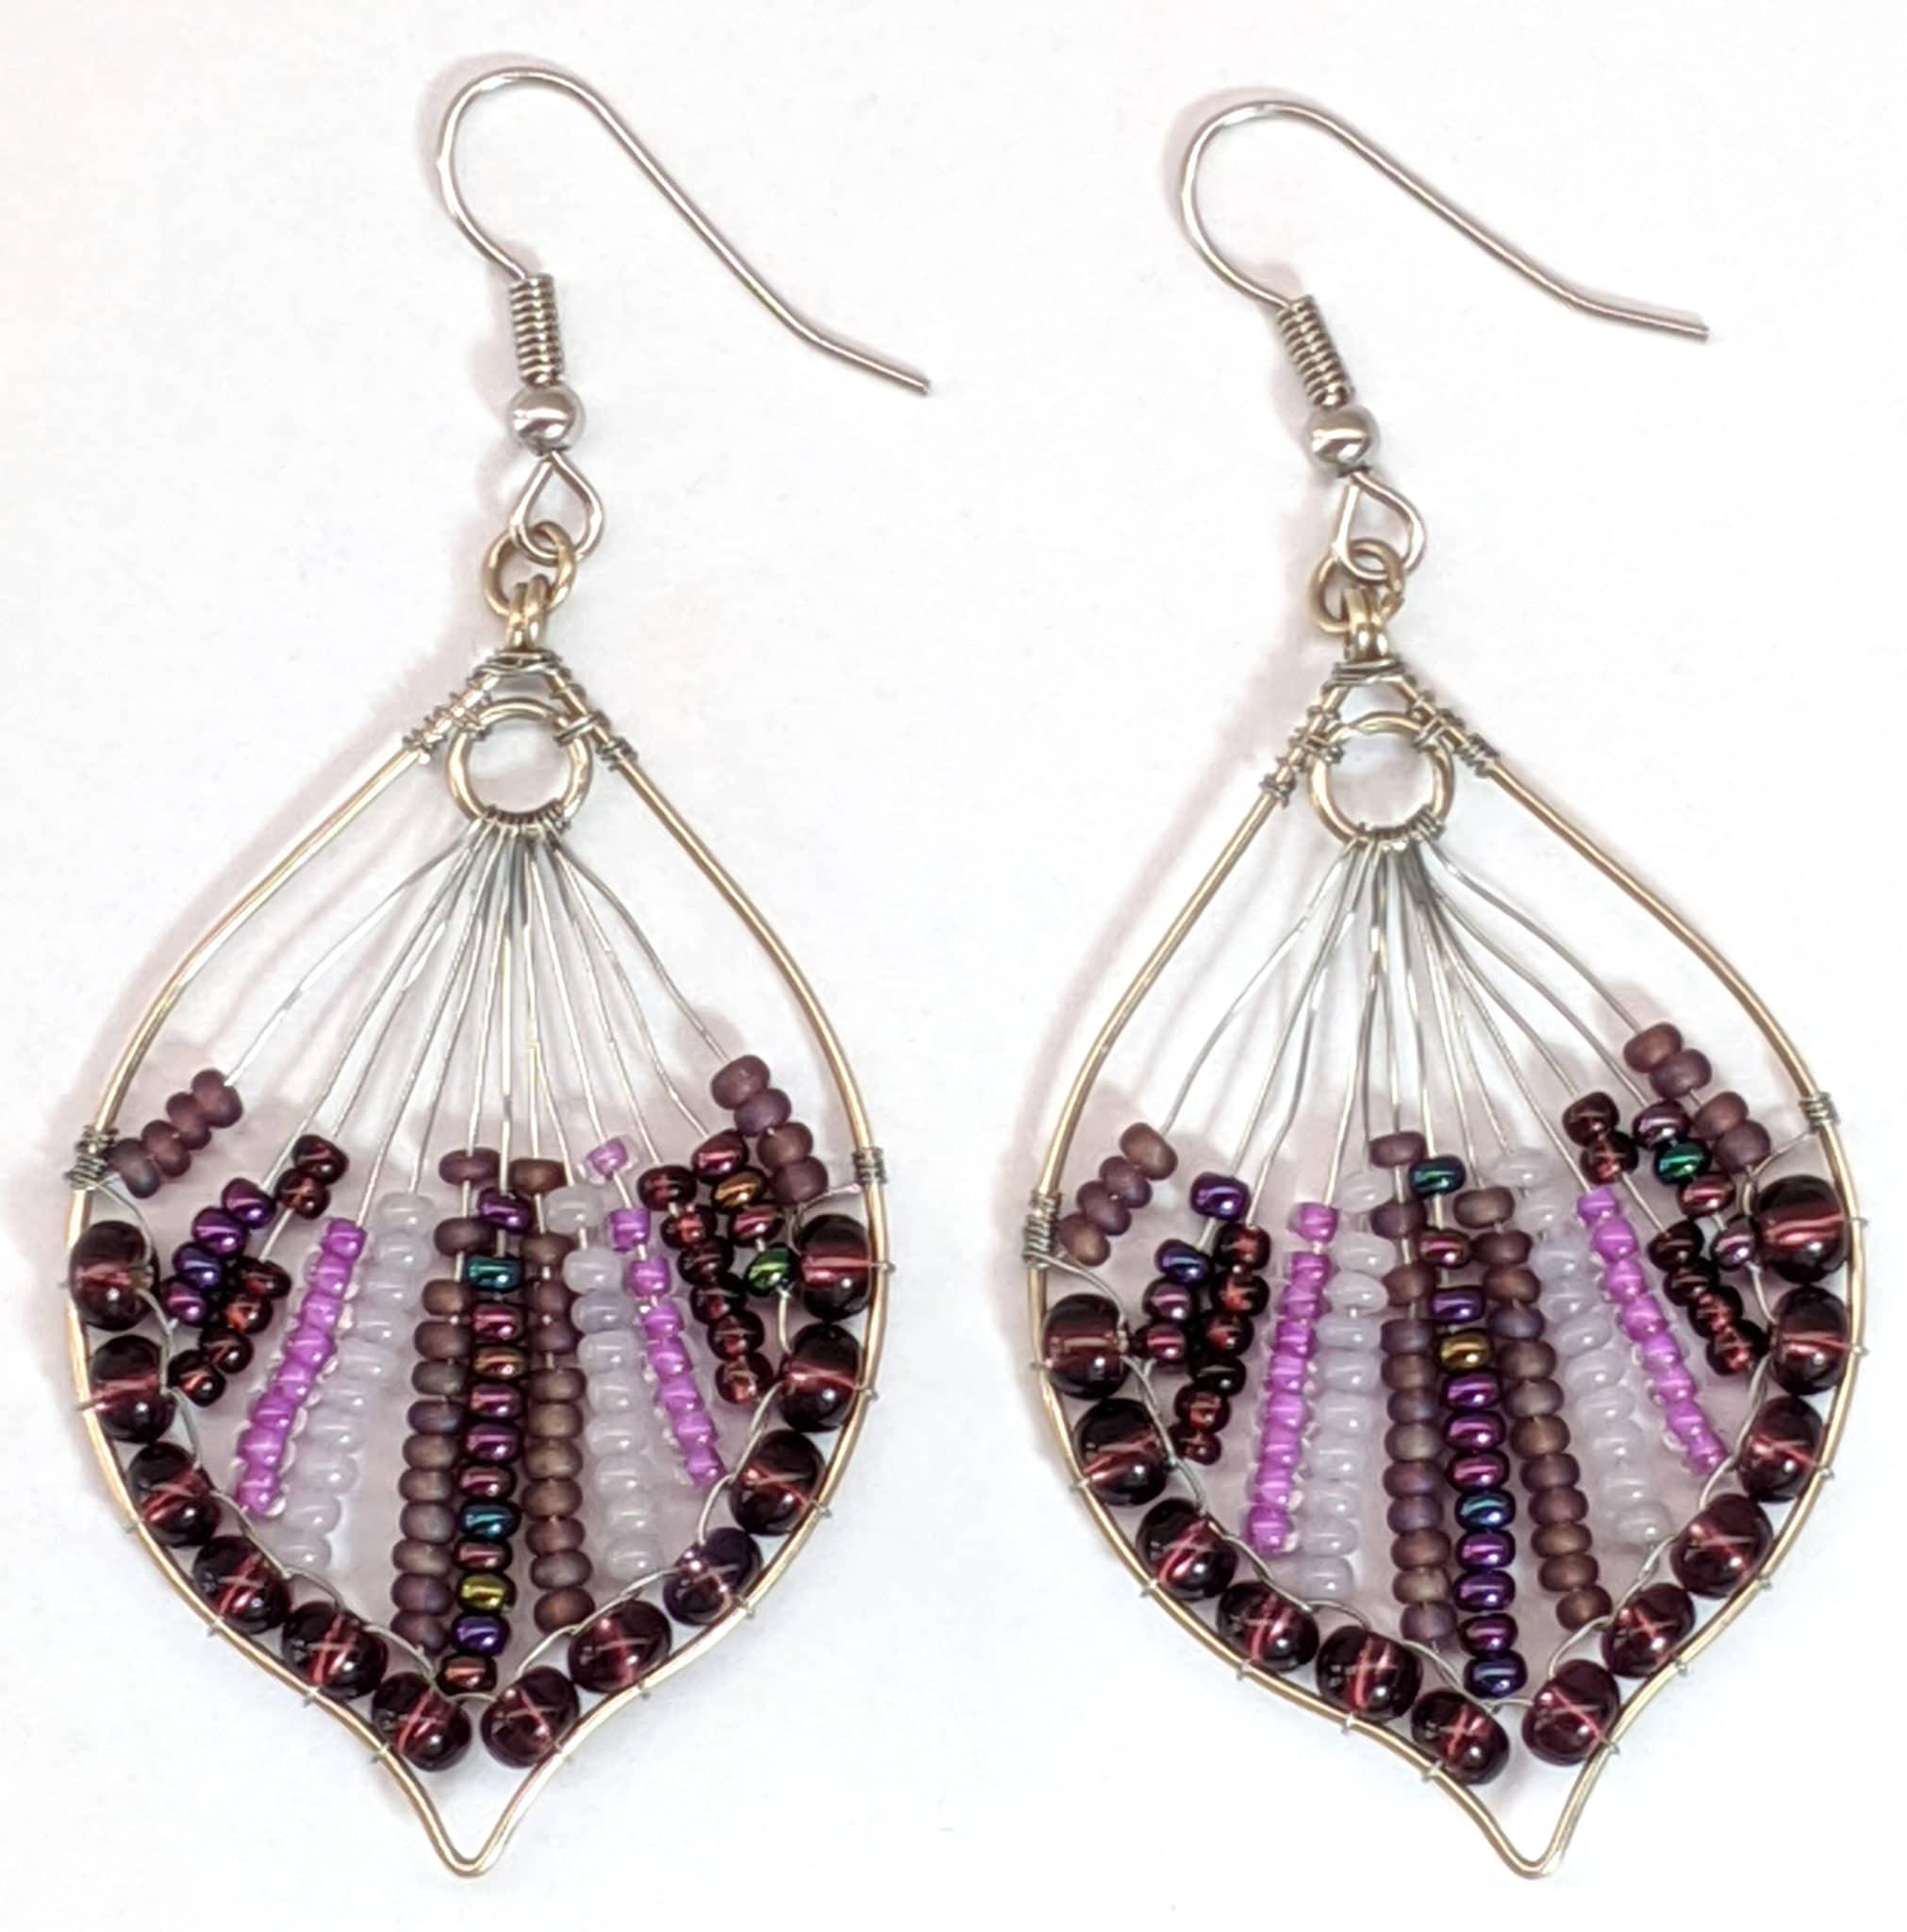 Peacock Tail Beaded Earrings - Purples